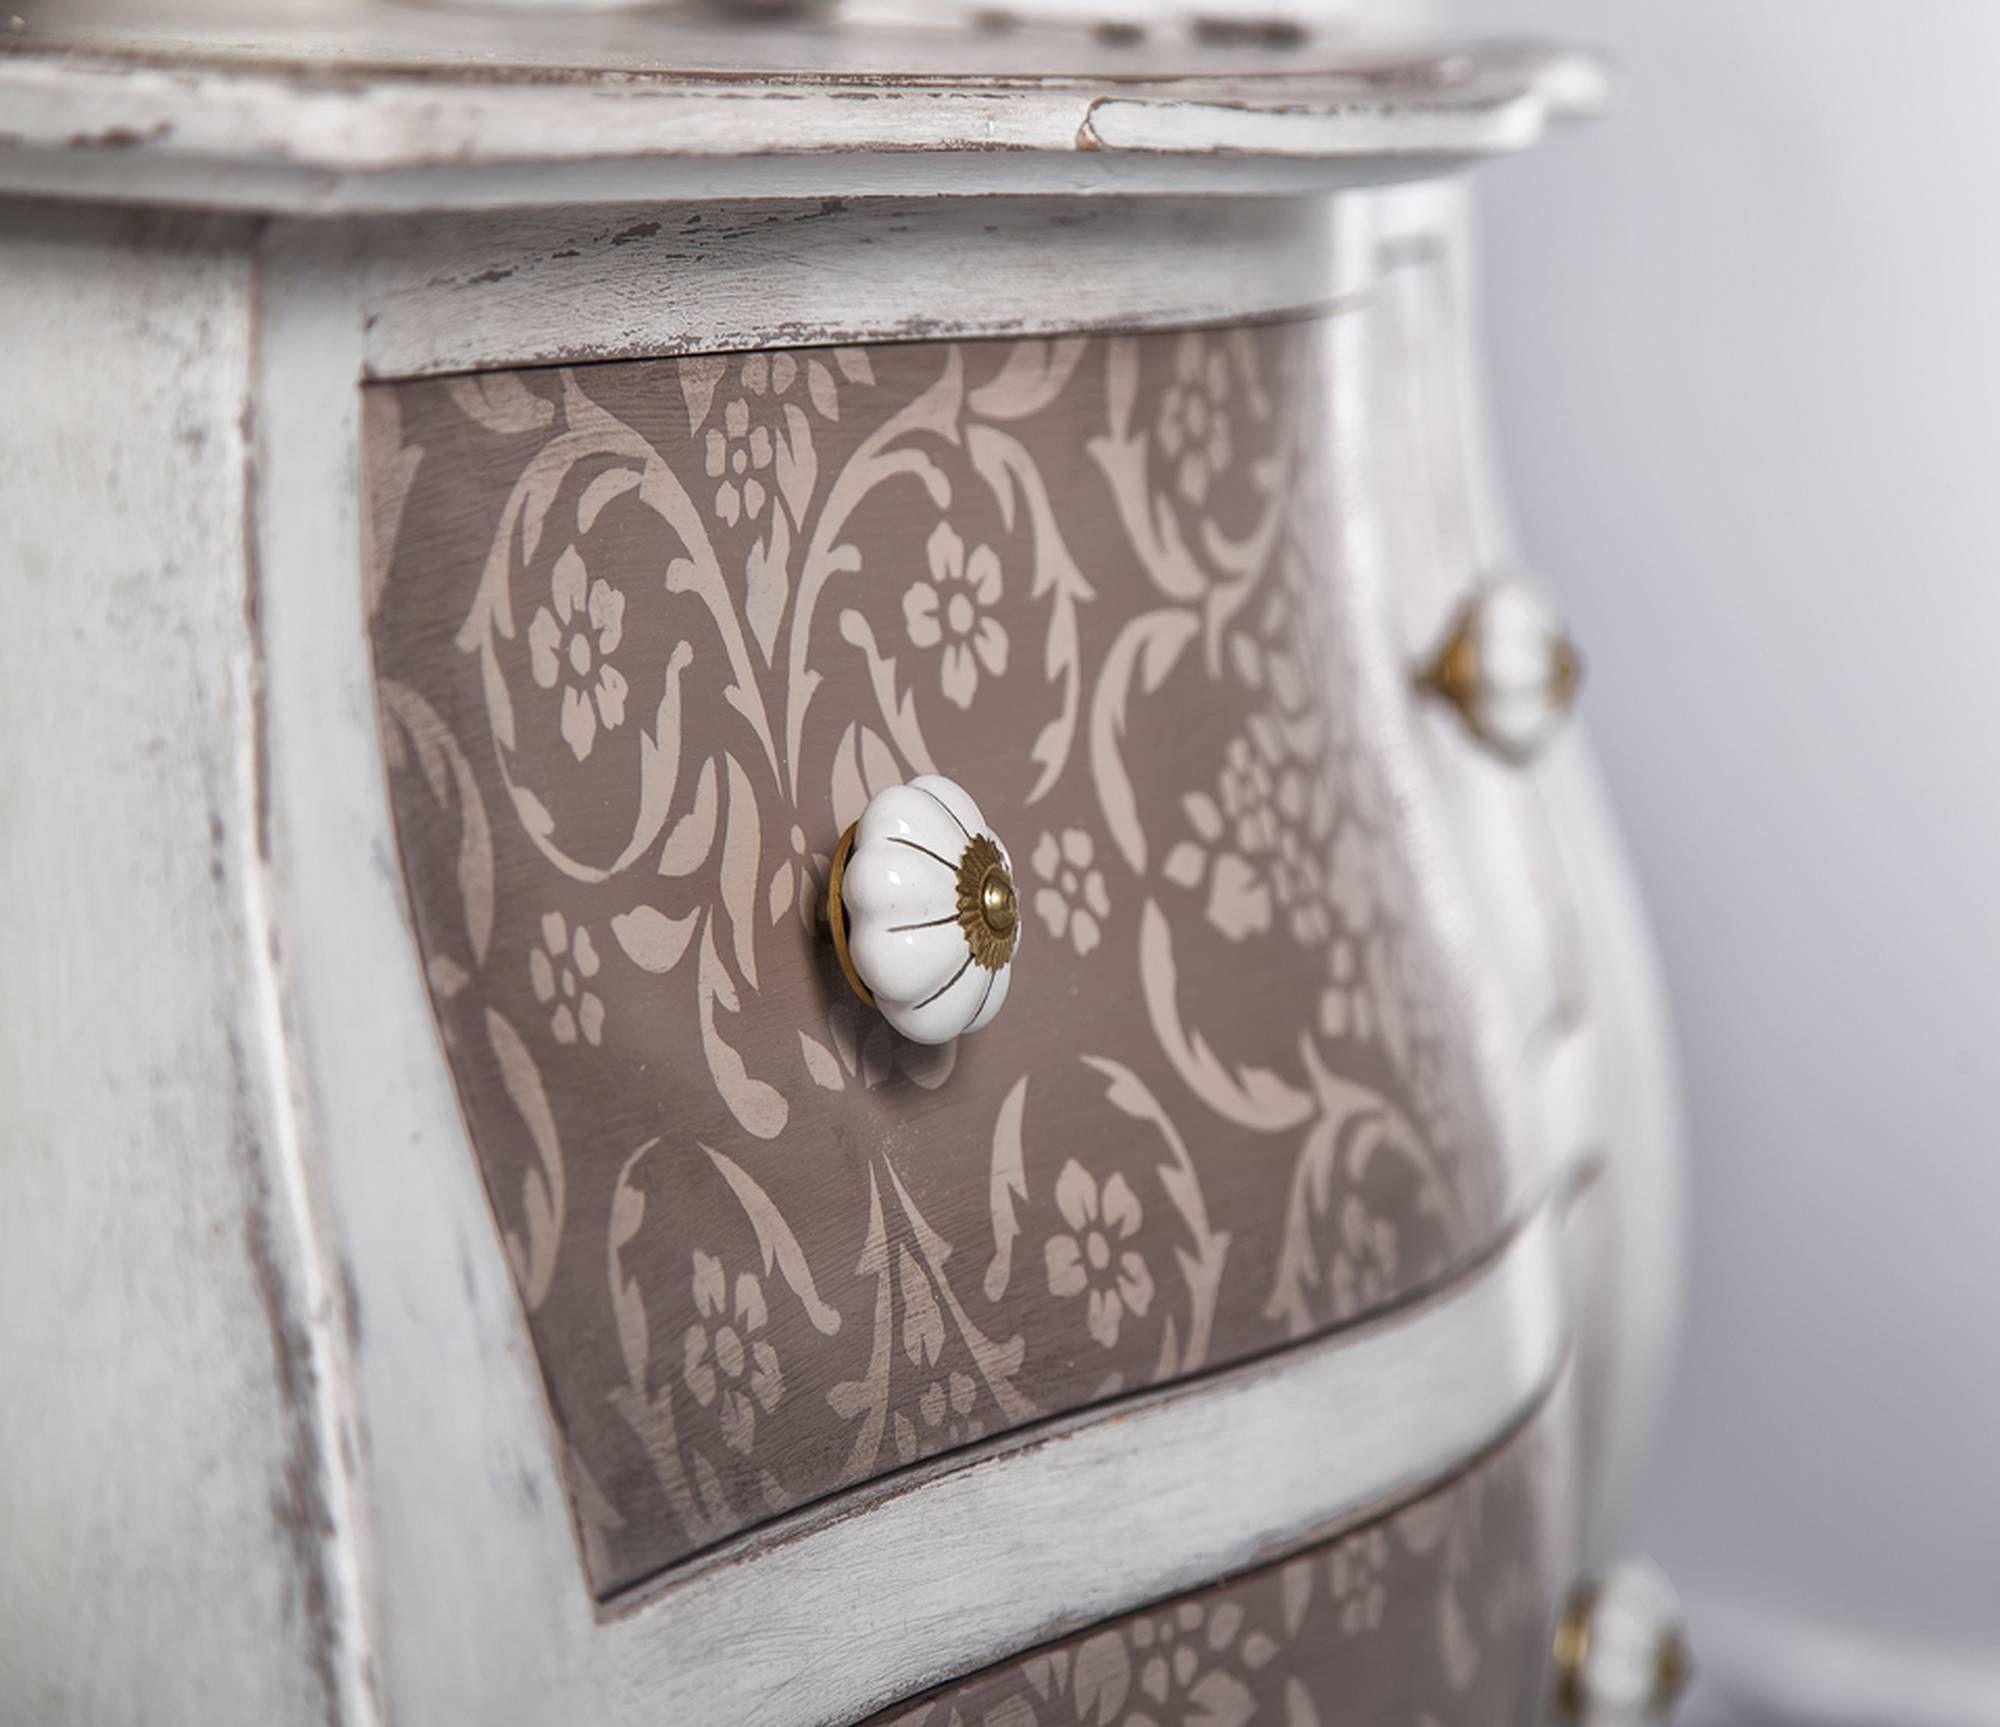 Tommy art prodotti per pittura decorazione mobili - Restauro mobili vintage ...